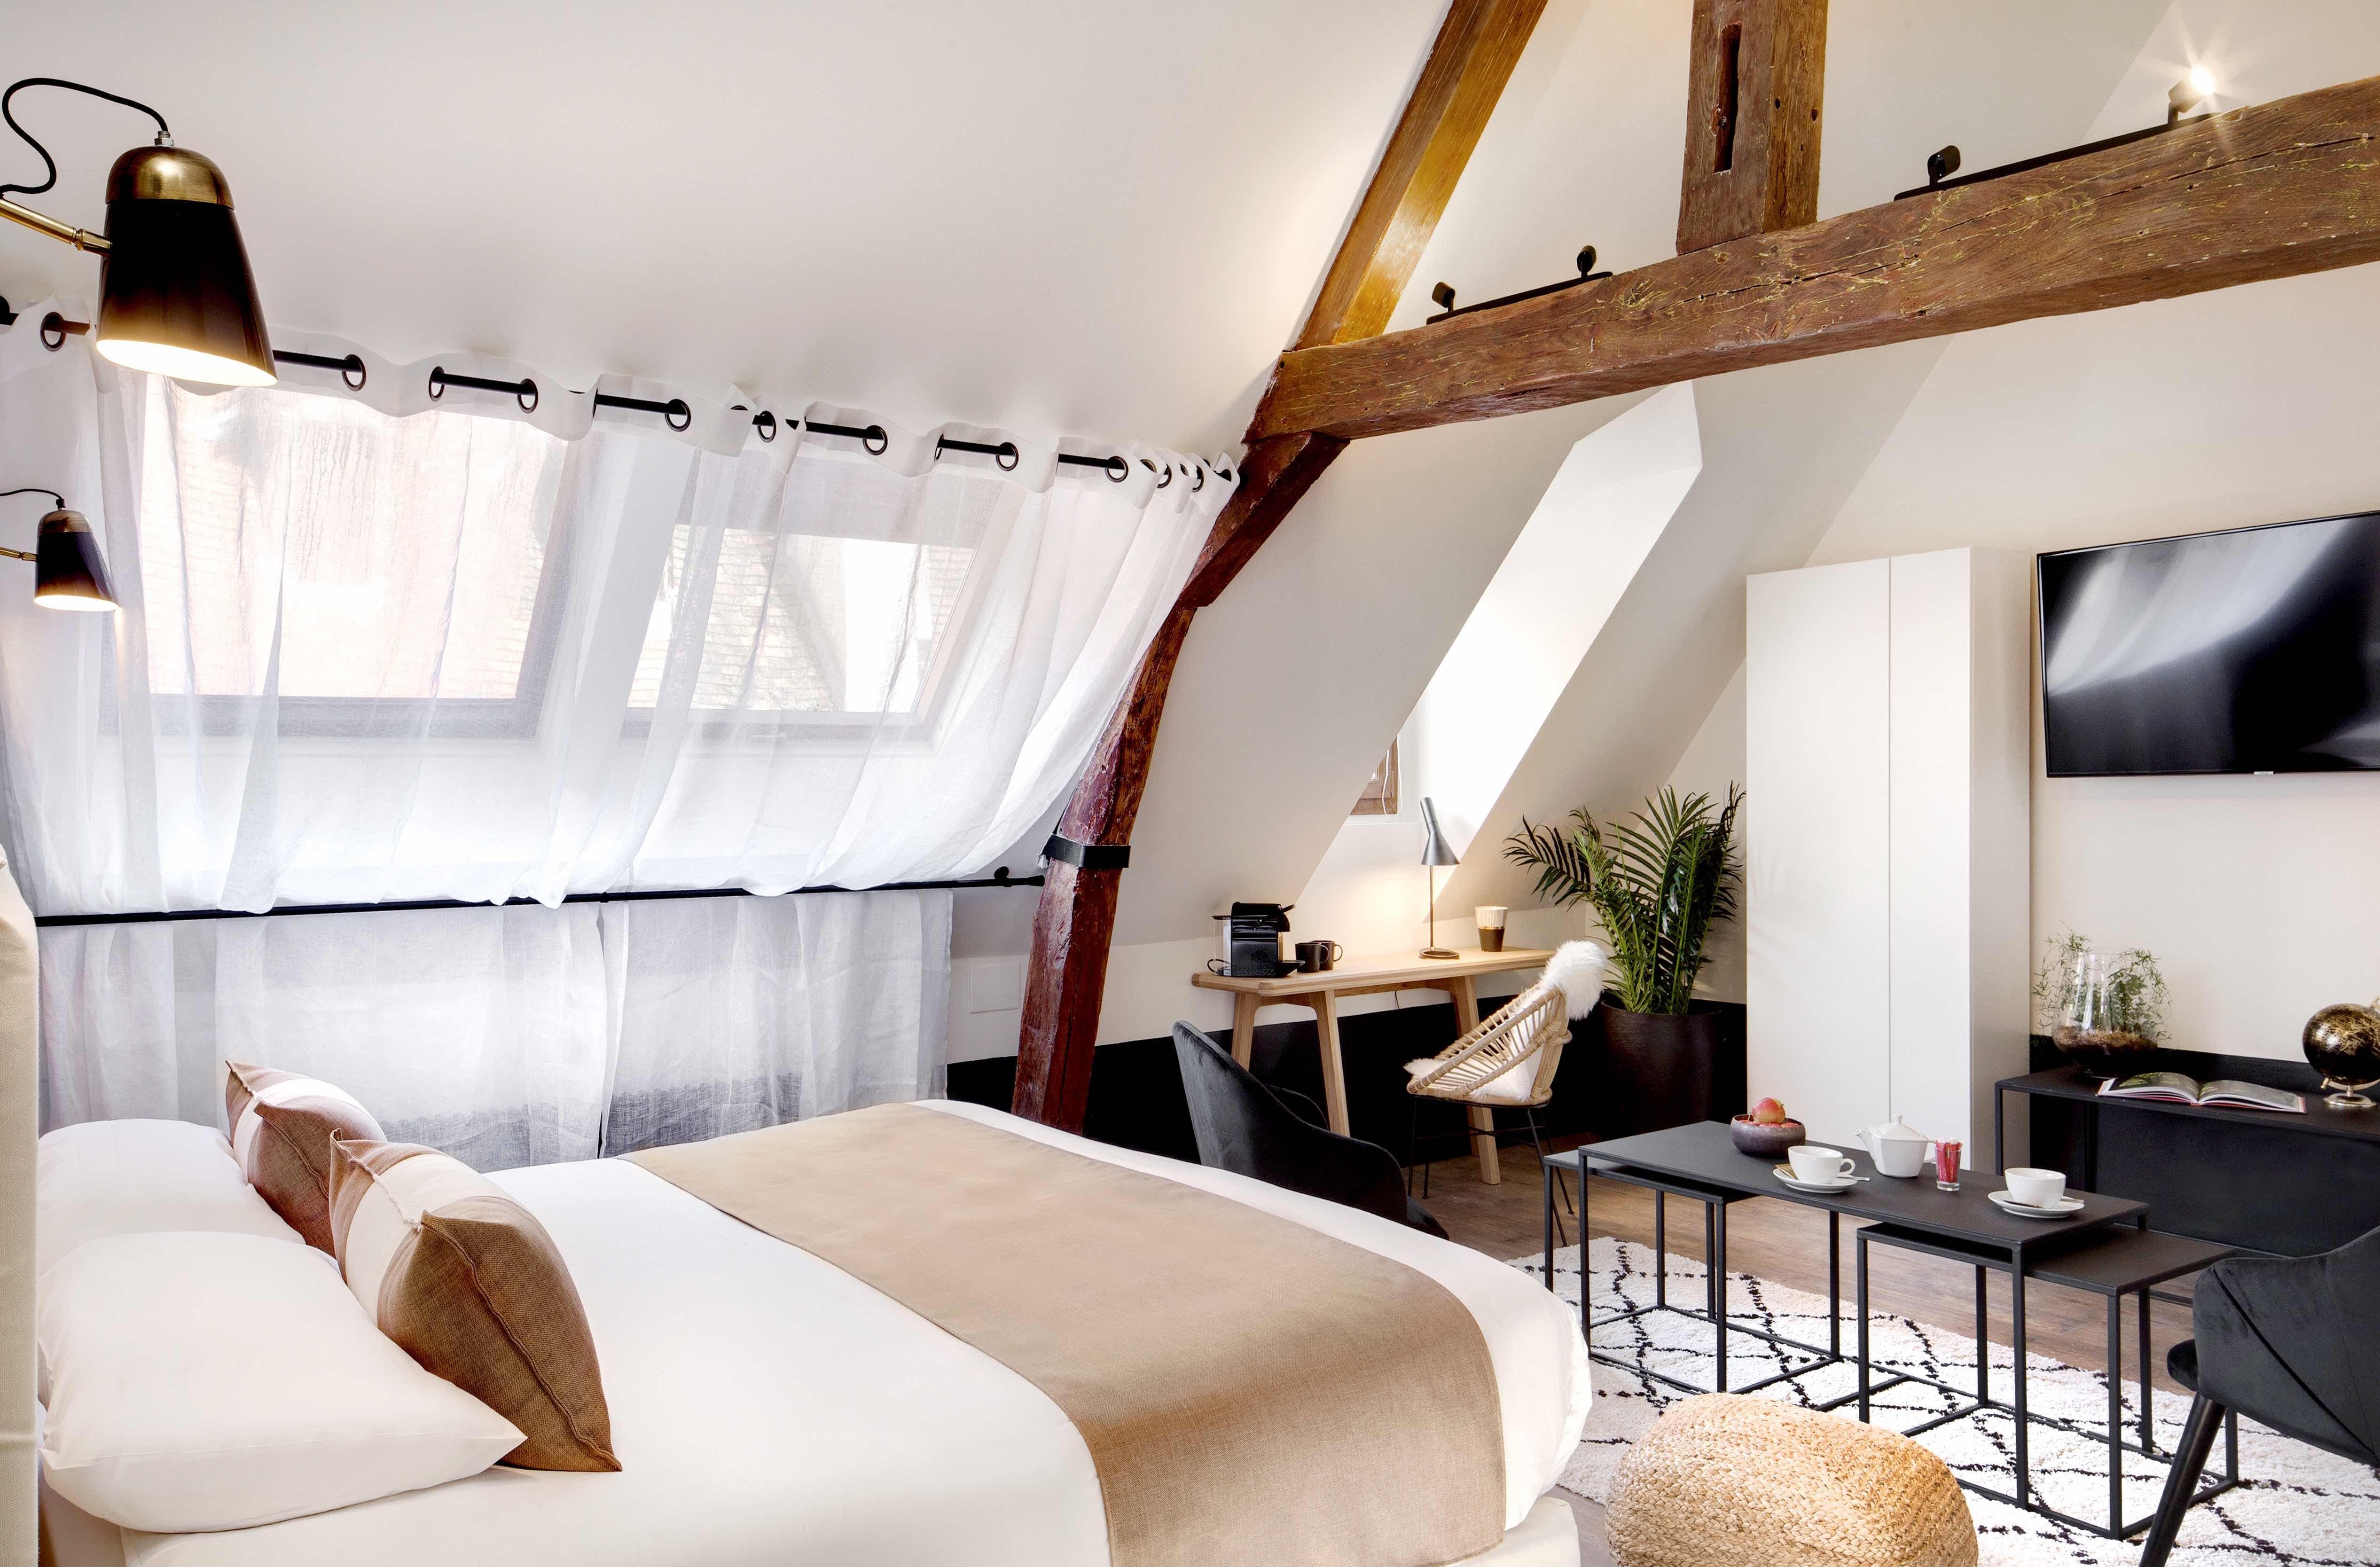 Maison des Ducs - Charmantes Hotel Dijon | Hotel des Ducs